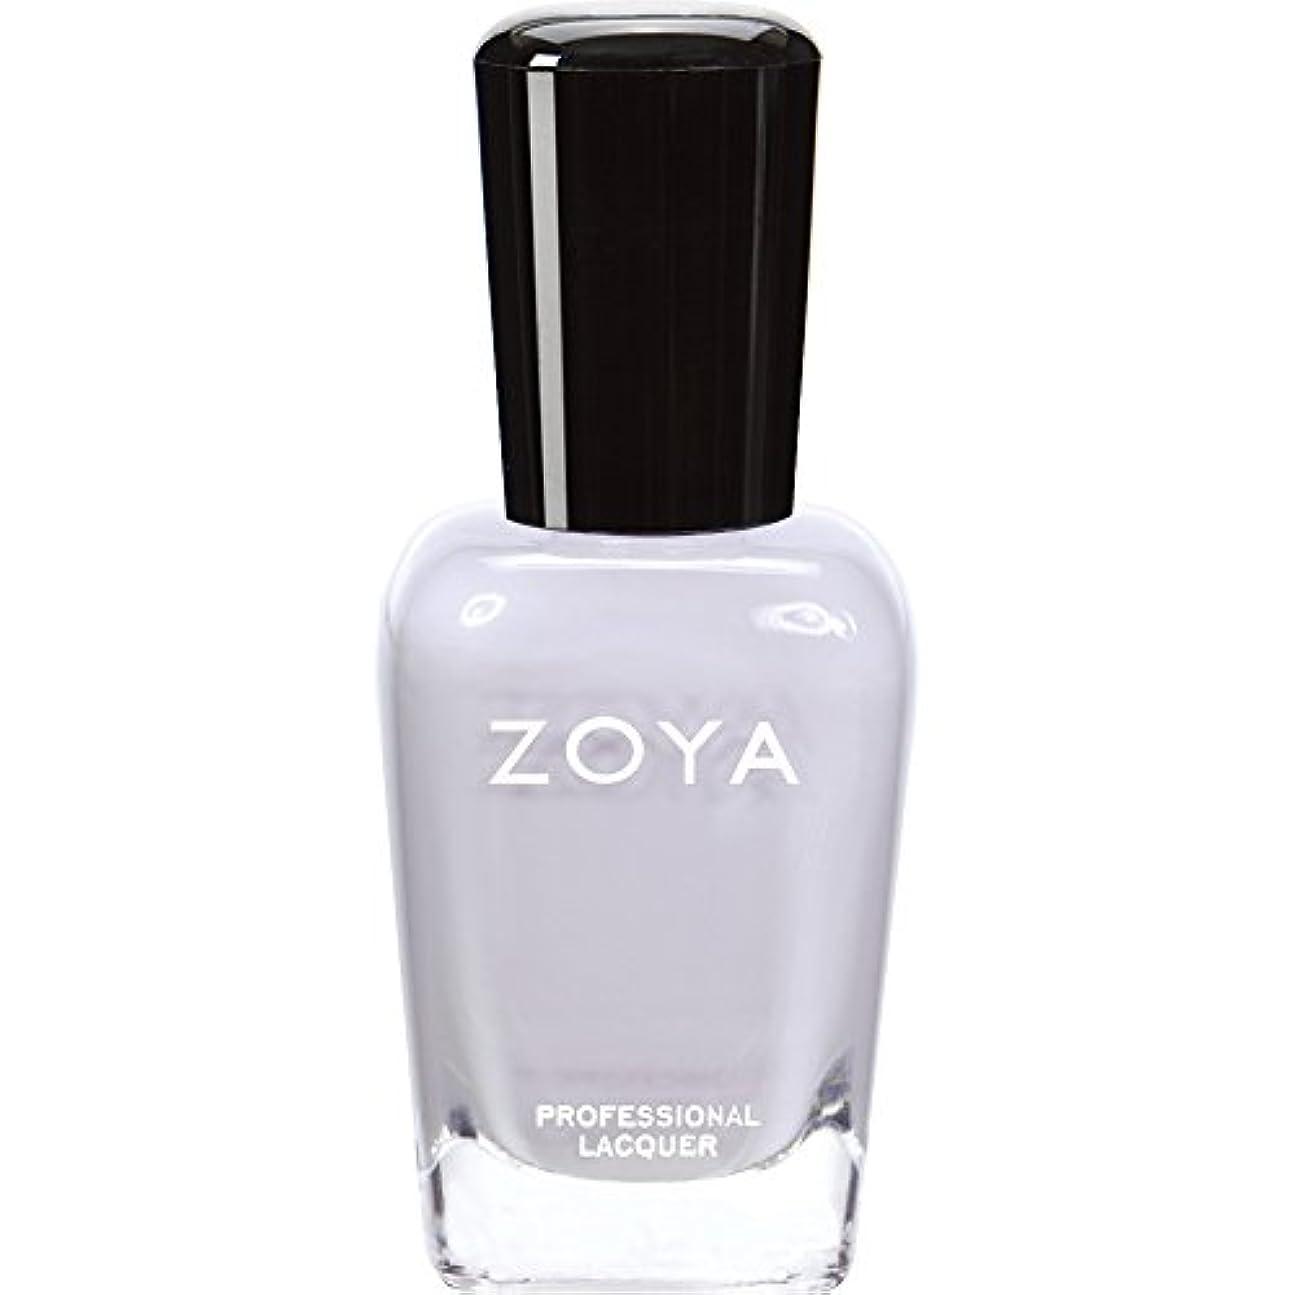 マーティフィールディングカール反対にZOYA ゾーヤ ネイルカラー ZP593 MEGAN ミーガン 15ml  ほんのりラベンダーが色づく淡いグレー マット 爪にやさしいネイルラッカーマニキュア